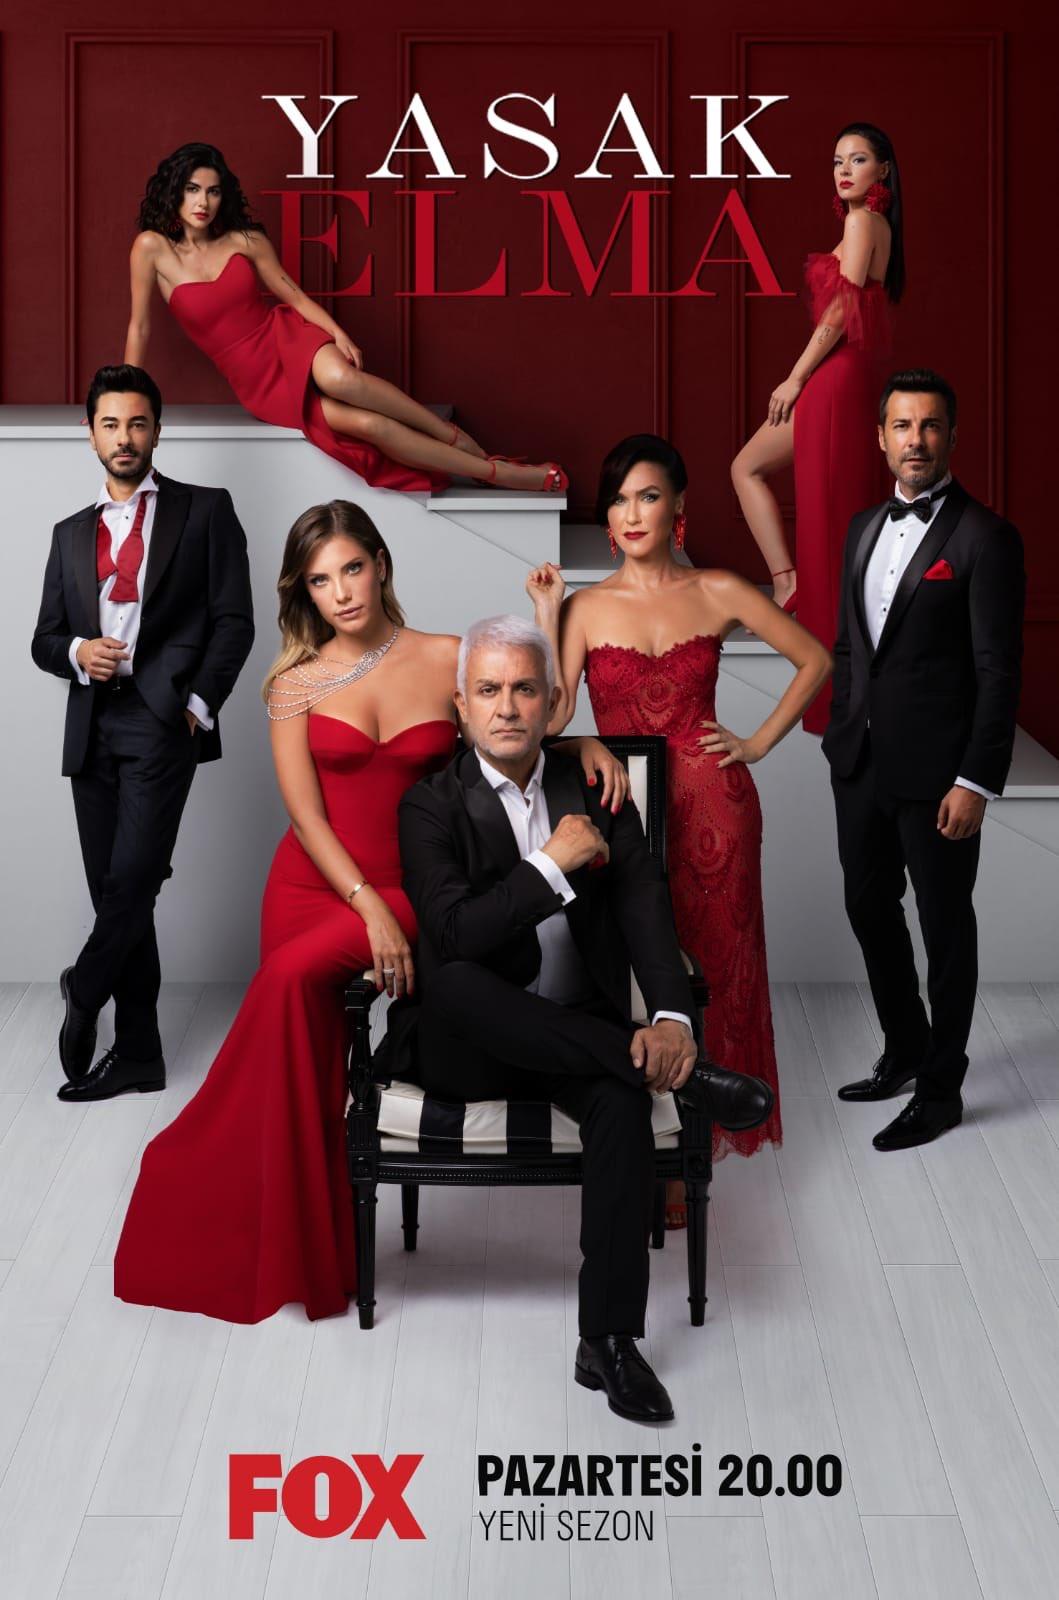 Turkey dramas in Urdu